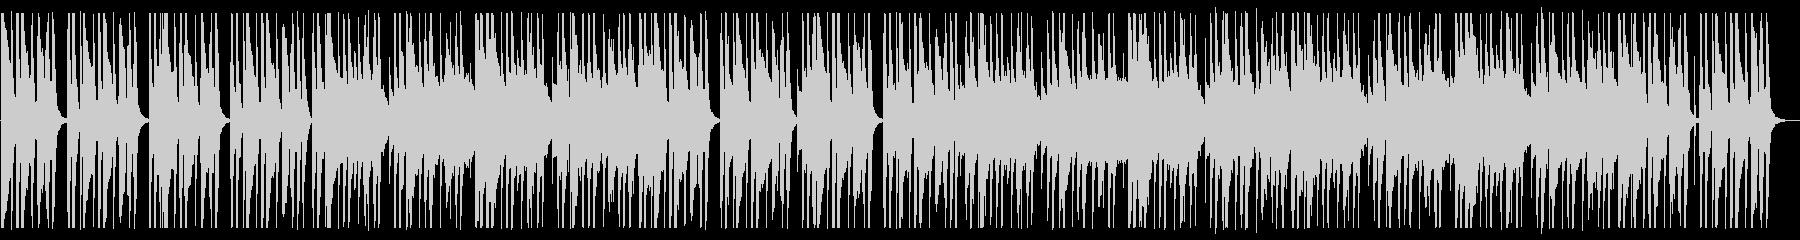 酒場の雰囲気があるR&B_No640_1の未再生の波形